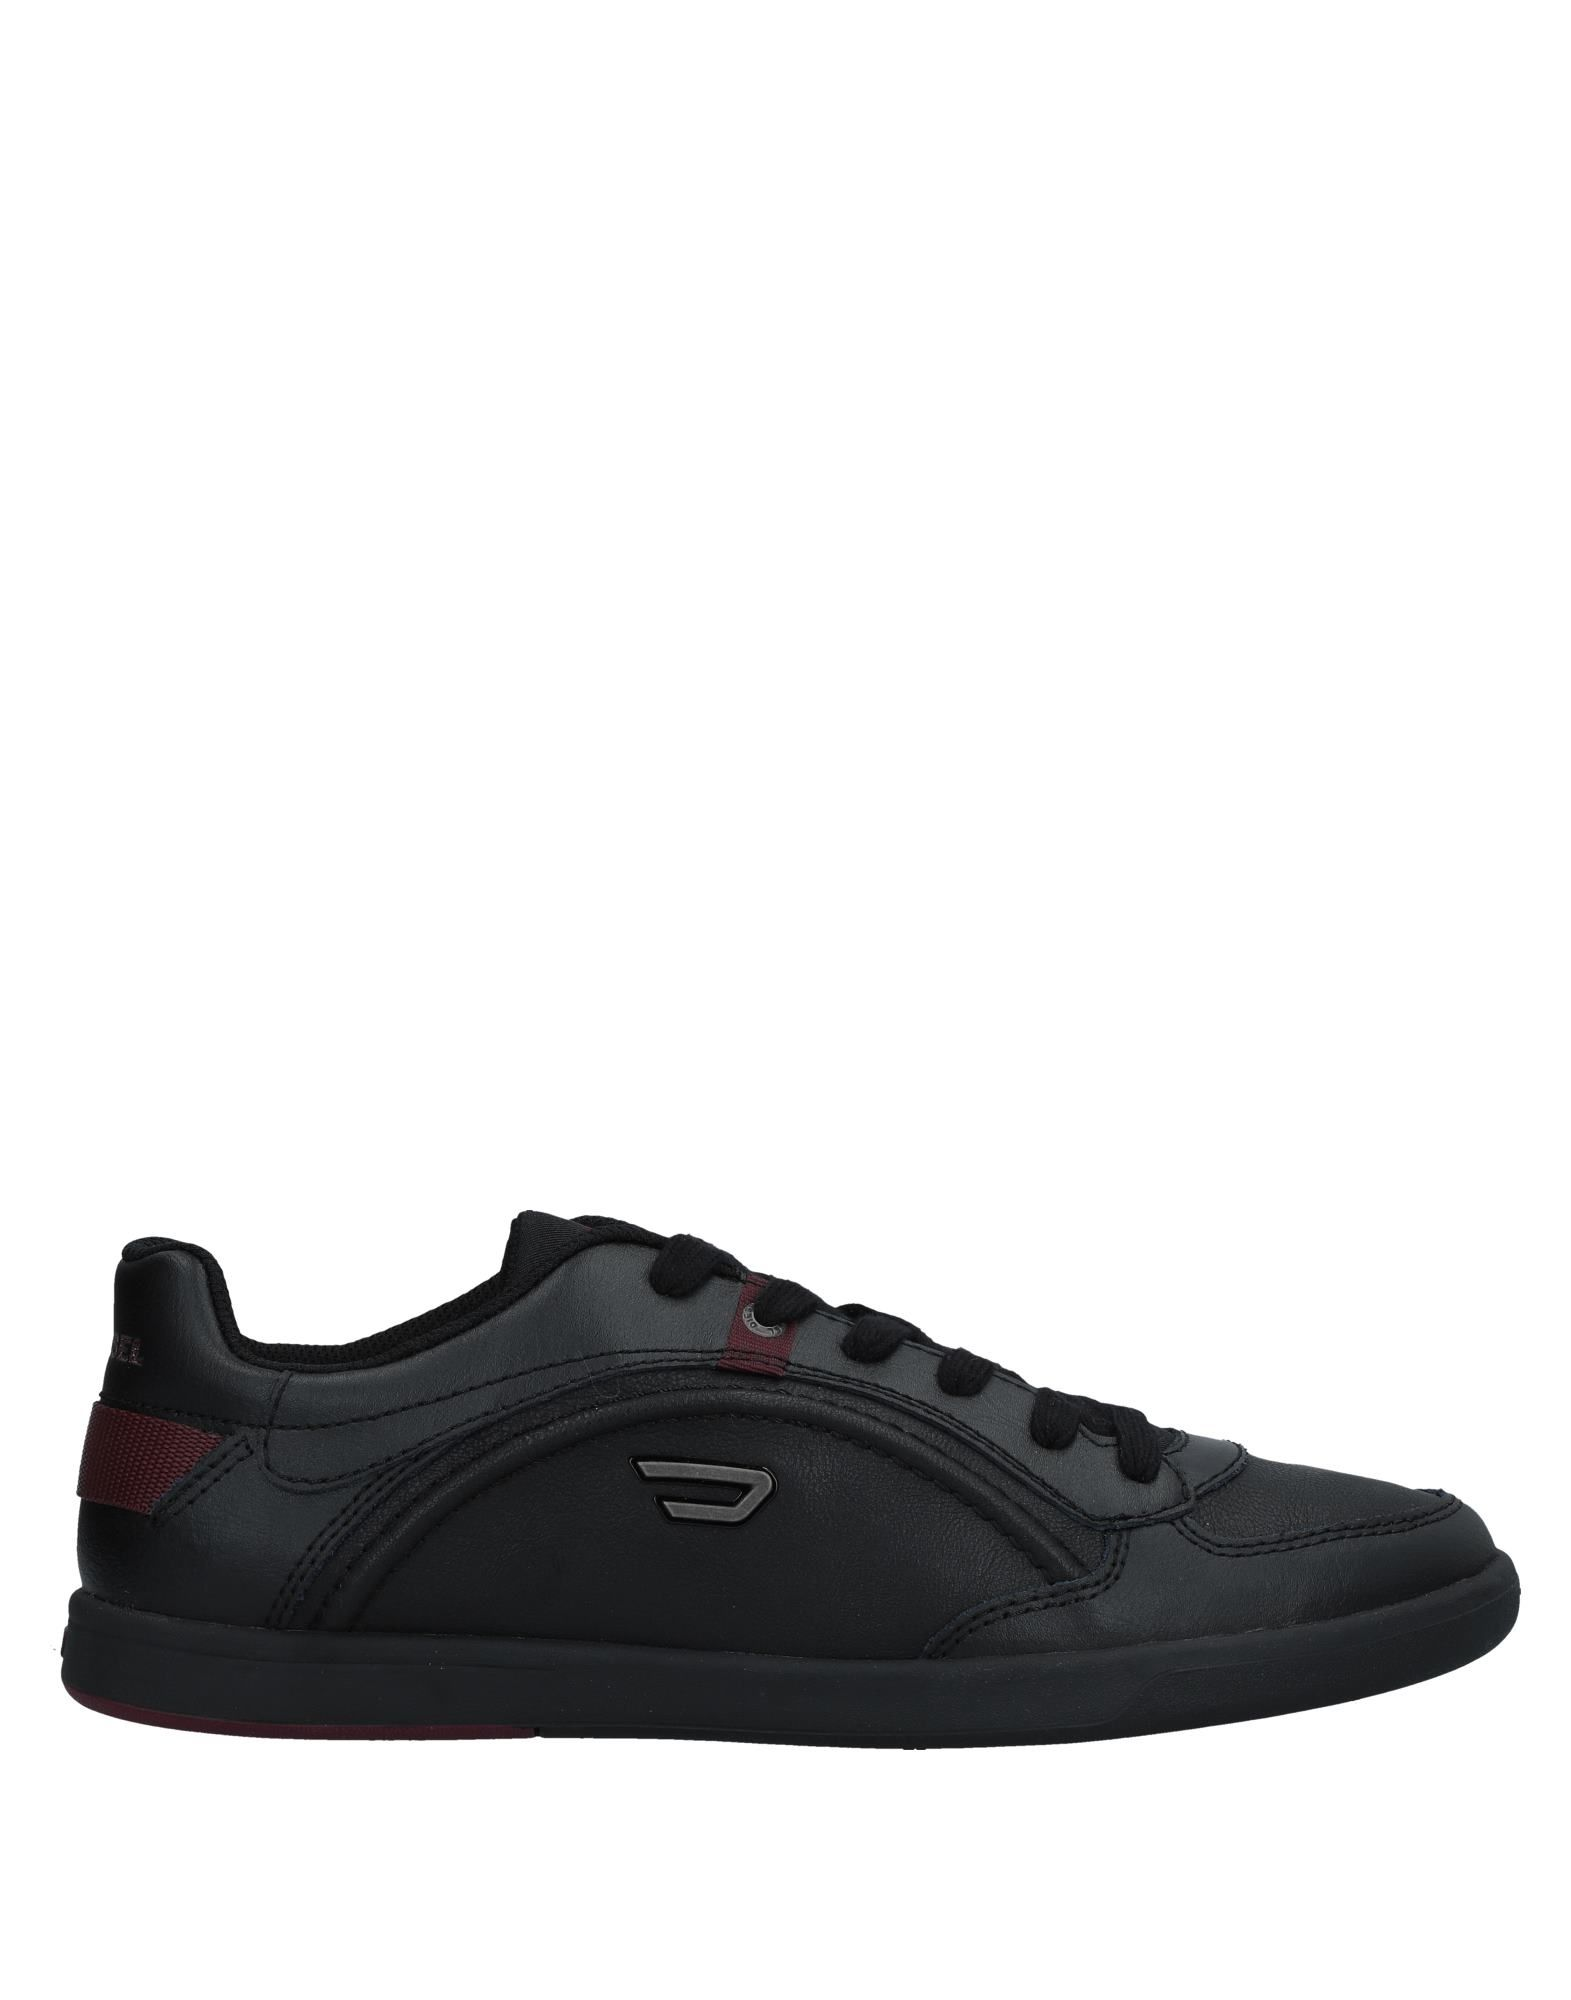 Rabatt echte Schuhe Diesel Sneakers Herren  11087491SI